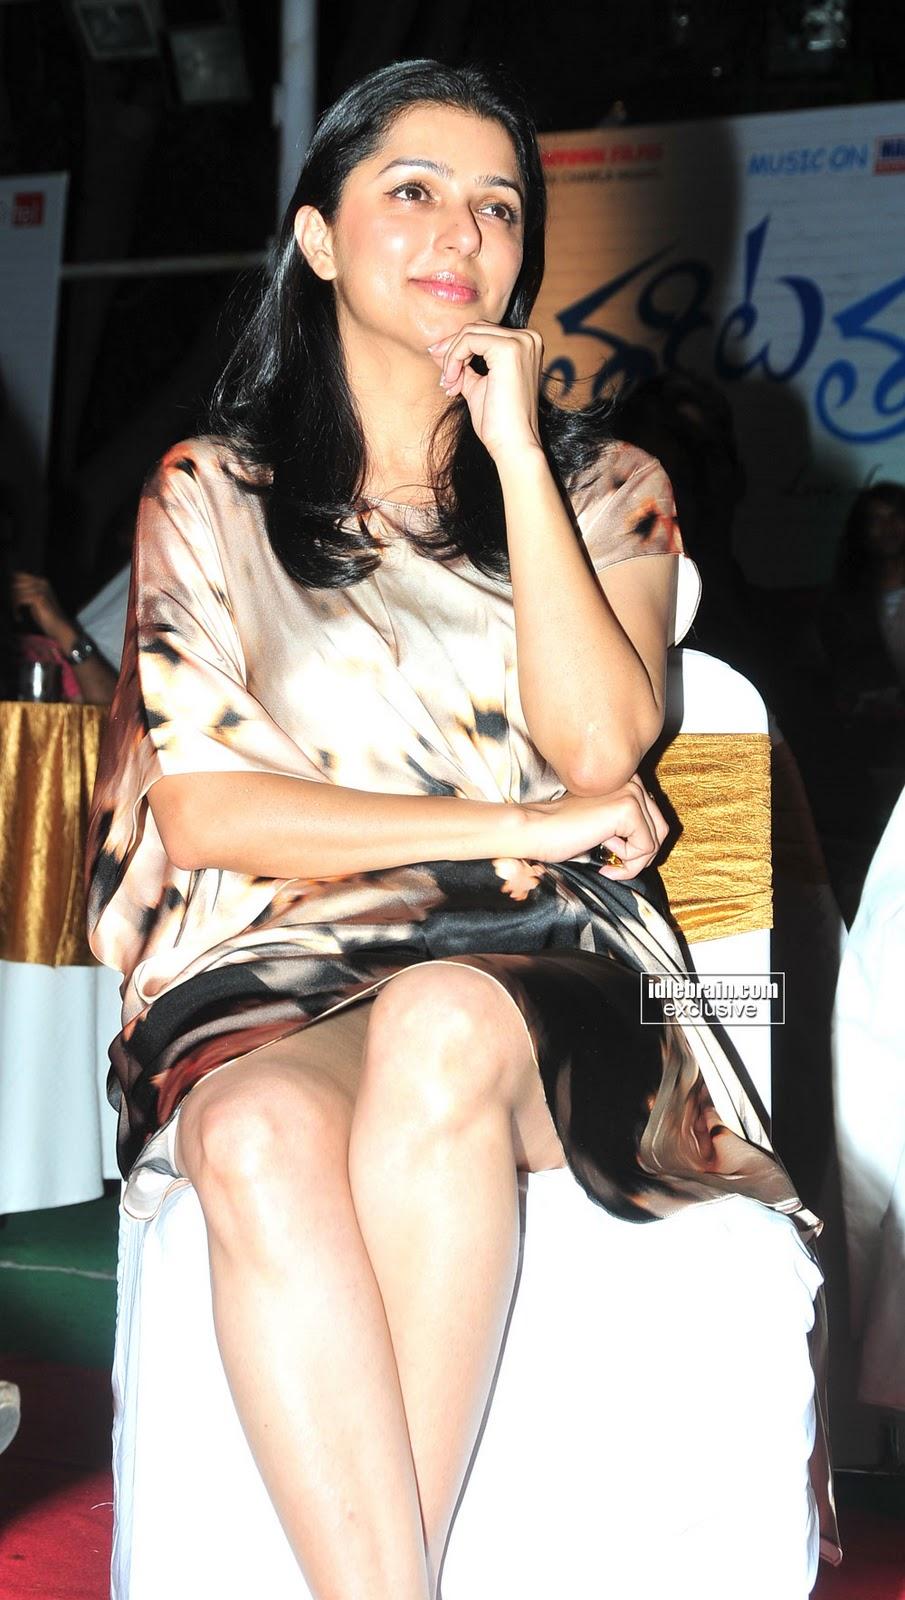 Actress upskirt photos